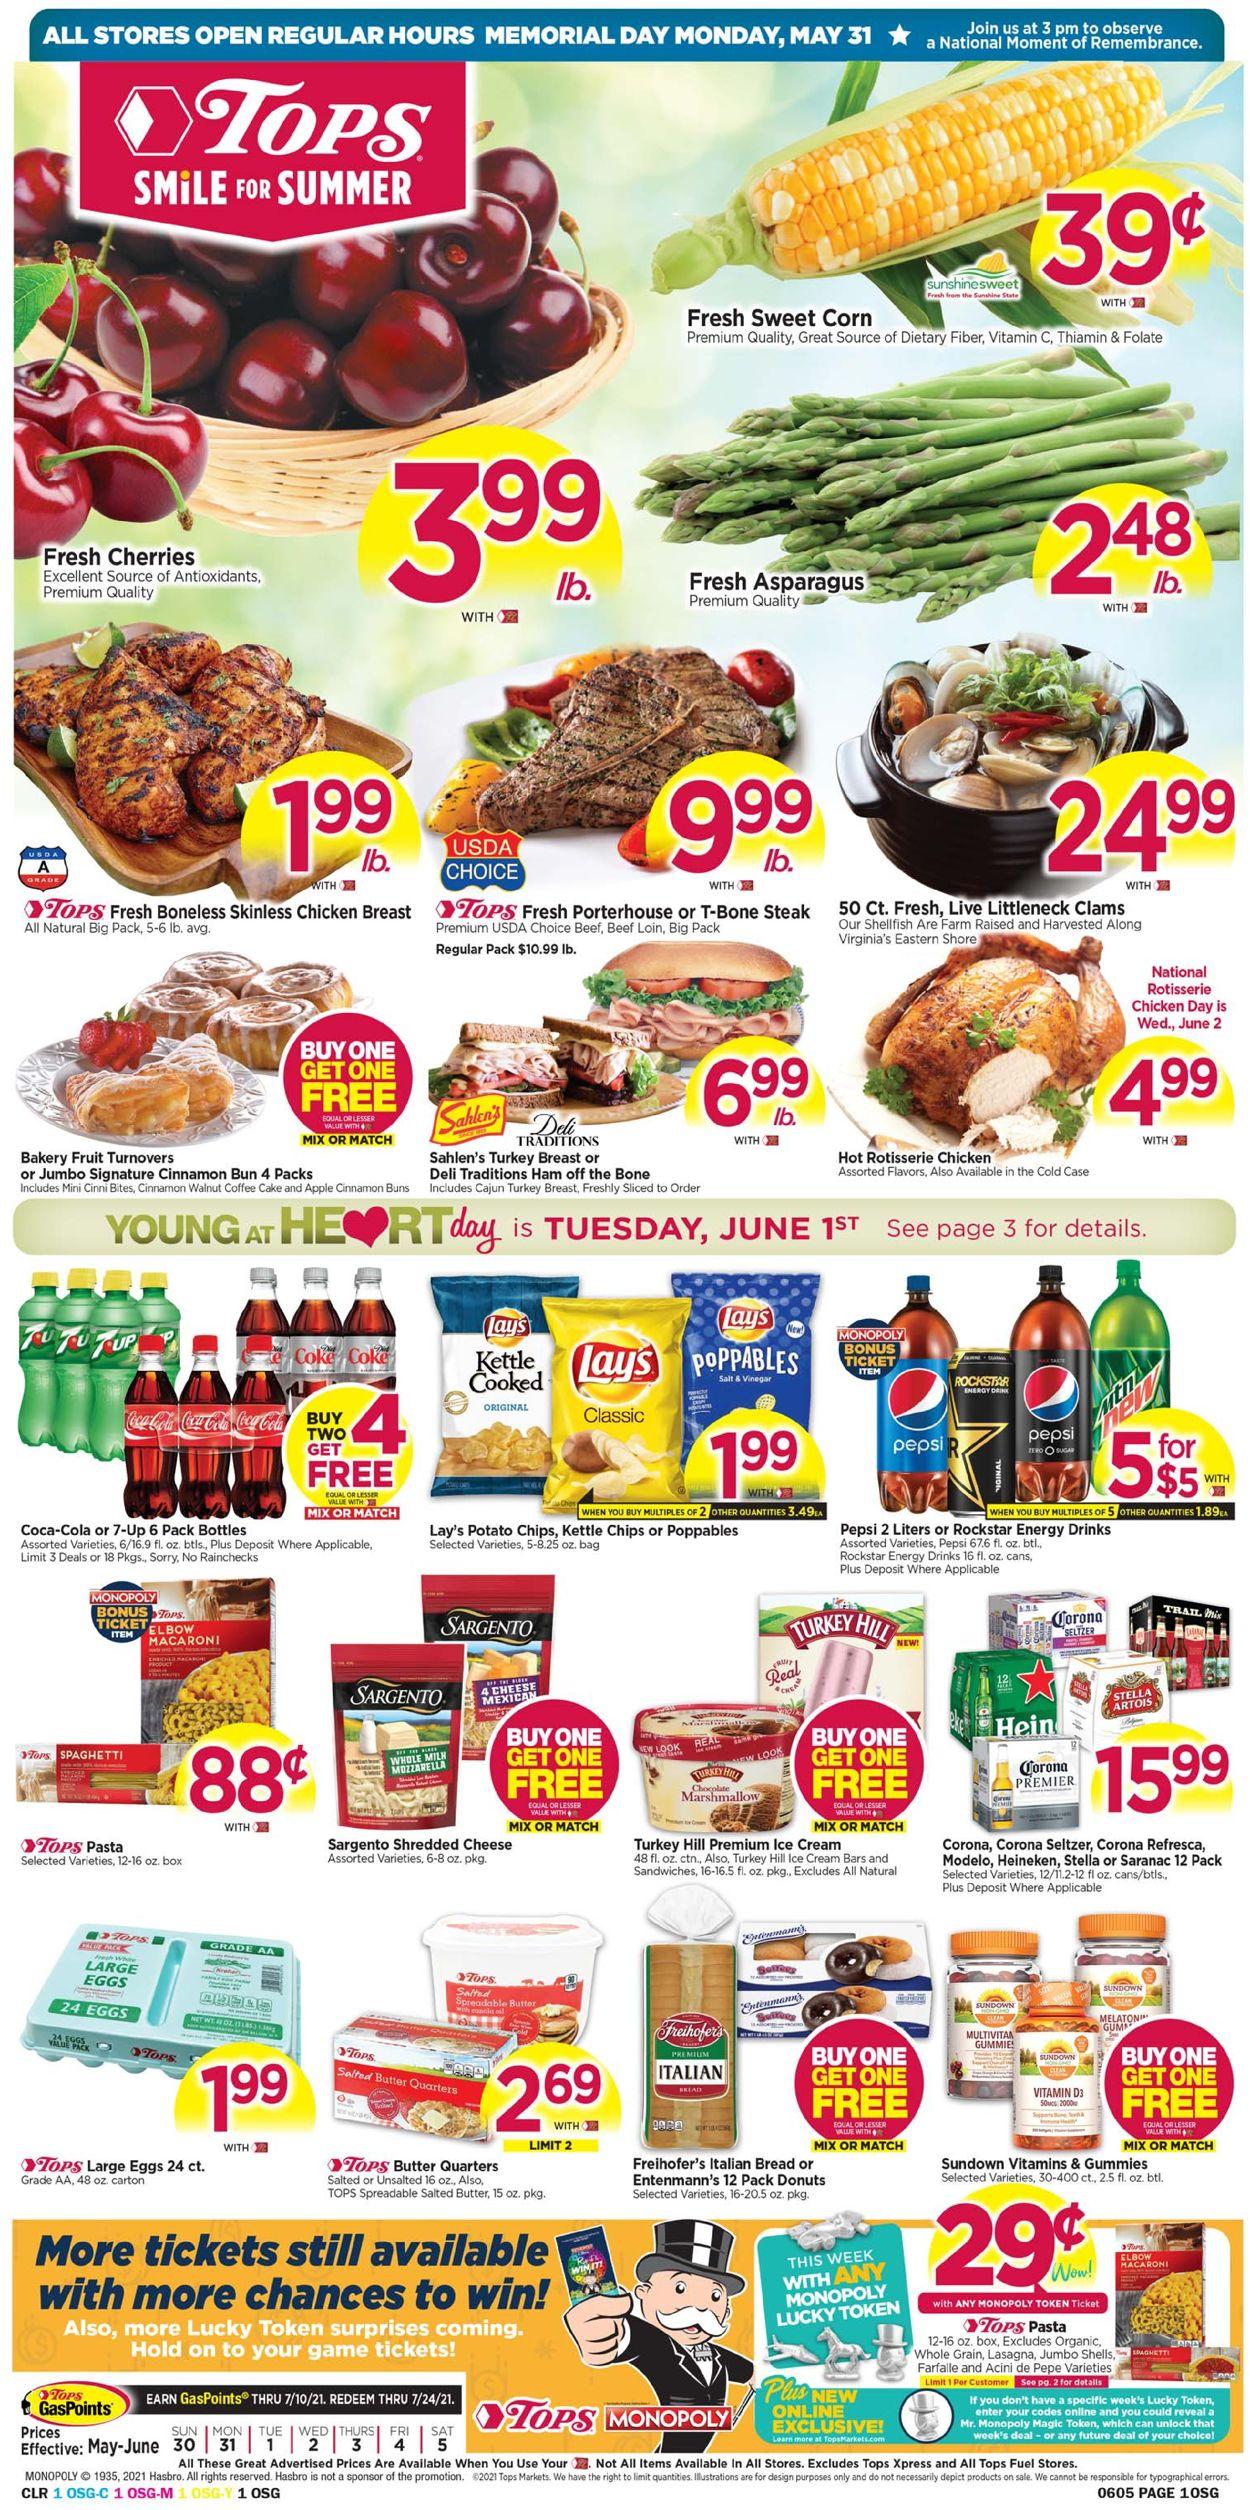 Tops Friendly Markets Weekly Ad Circular - valid 05/30-06/05/2021